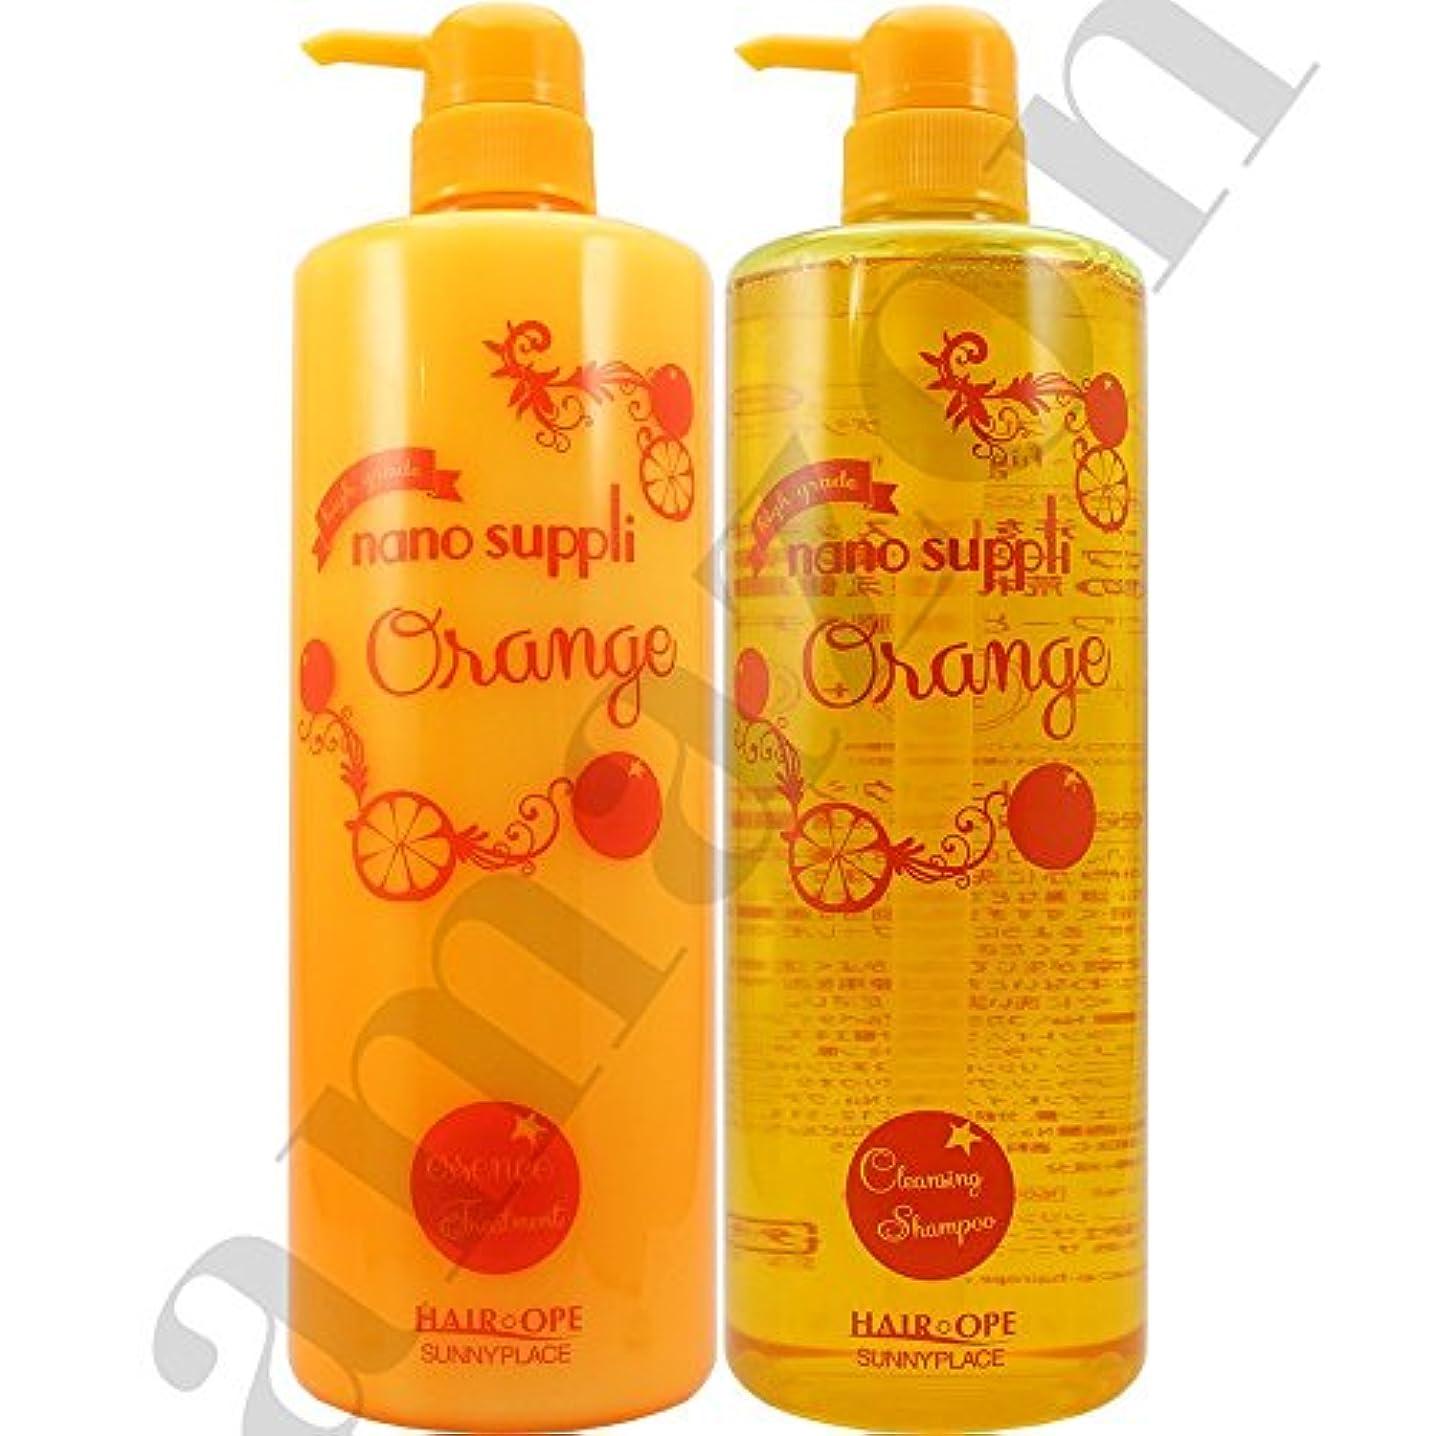 視線特別なフォージサニープレイス ナノサプリ クレンジングシャンプー&コンディショナー オレンジ 1000mlボトルセット